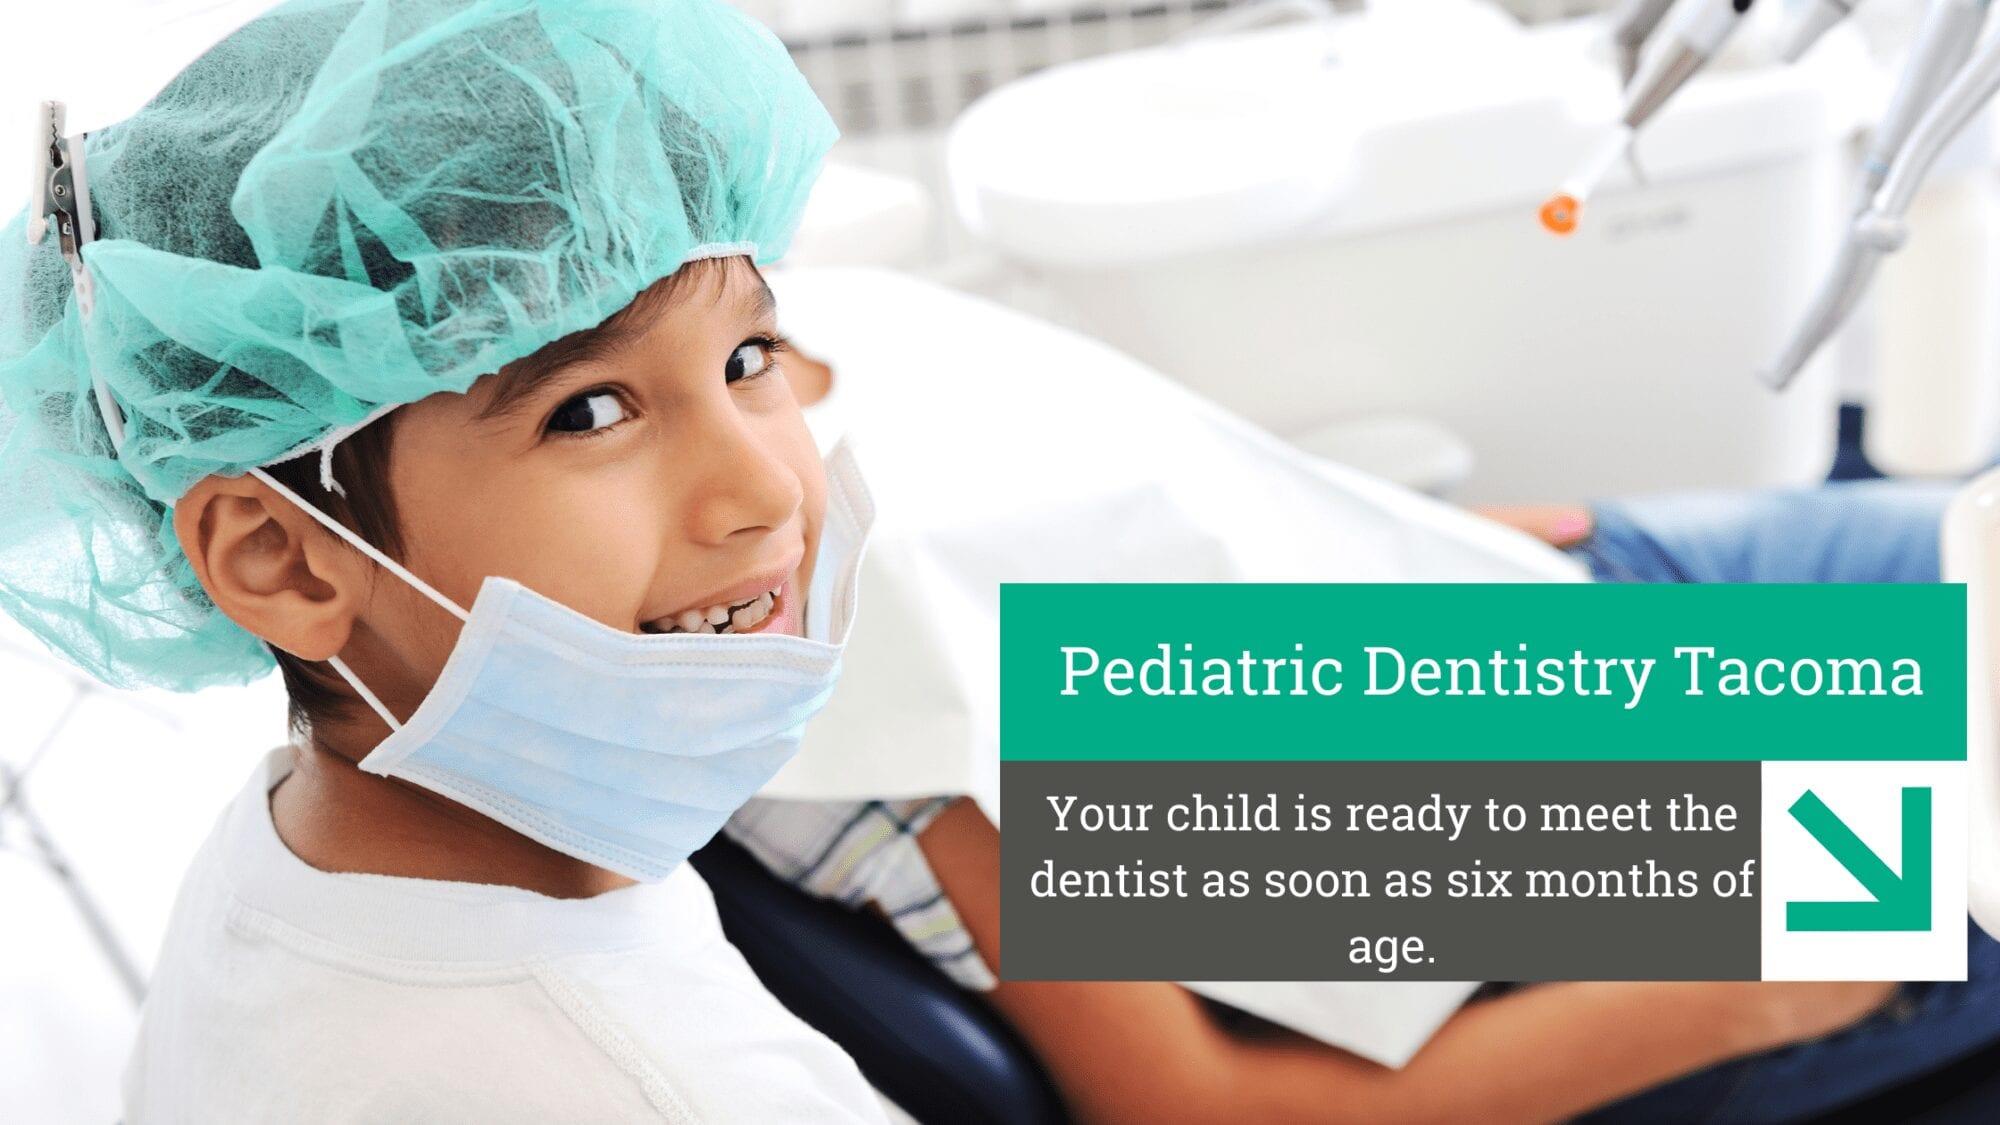 Pediatric Dentistry Tacoma